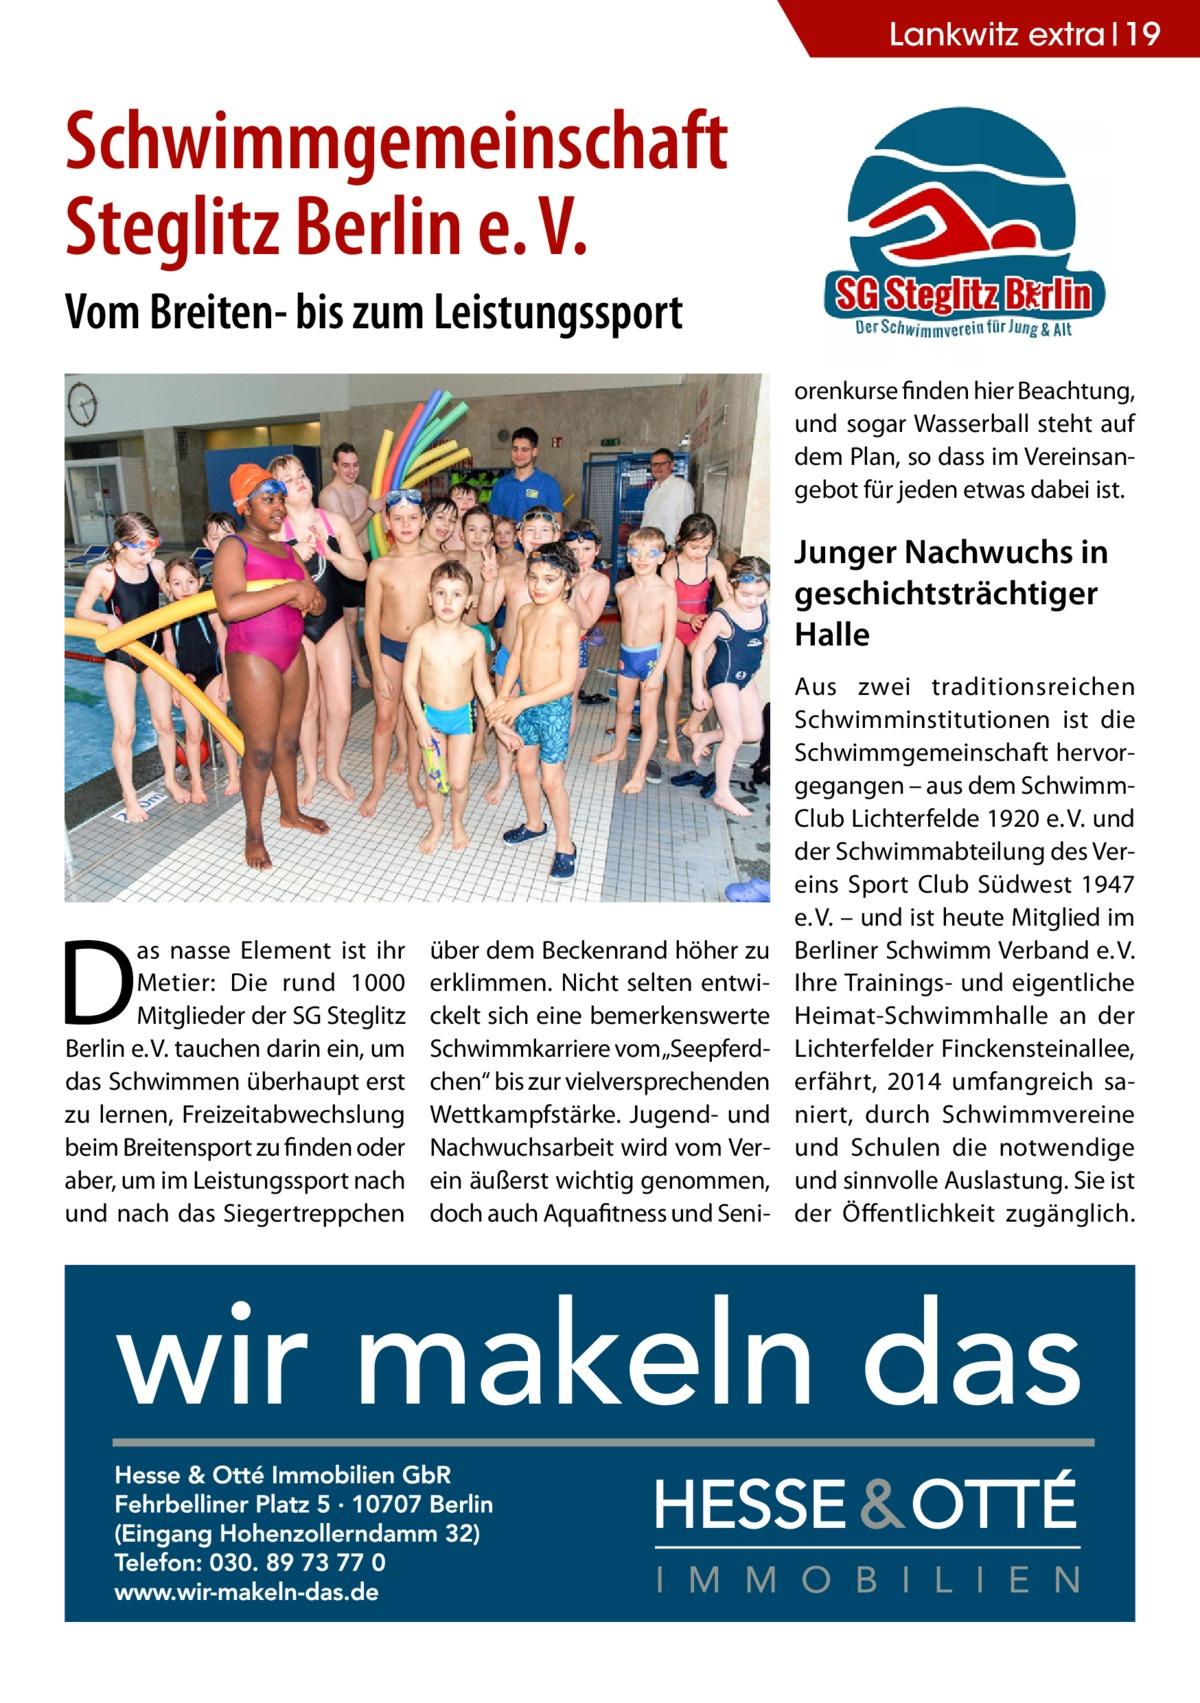 """Lankwitz extra 19  Schwimmgemeinschaft Steglitz Berlin e.V. Vom Breiten- bis zum Leistungssport orenkurse finden hier Beachtung, und sogar Wasserball steht auf dem Plan, so dass im Vereinsangebot für jeden etwas dabei ist.  Junger Nachwuchs in geschichtsträchtiger Halle  D  as nasse Element ist ihr Metier: Die rund 1000 Mitglieder der SG Steglitz Berlin e.V. tauchen darin ein, um das Schwimmen überhaupt erst zu lernen, Freizeitabwechslung beim Breitensport zu finden oder aber, um im Leistungssport nach und nach das Siegertreppchen  über dem Beckenrand höher zu erklimmen. Nicht selten entwickelt sich eine bemerkenswerte Schwimmkarriere vom""""Seepferdchen"""" bis zur vielversprechenden Wettkampfstärke. Jugend- und Nachwuchsarbeit wird vom Verein äußerst wichtig genommen, doch auch Aquafitness und Seni Aus zwei traditionsreichen Schwimminstitutionen ist die Schwimmgemeinschaft hervorgegangen – aus dem SchwimmClub Lichterfelde 1920 e.V. und der Schwimmabteilung des Vereins Sport Club Südwest 1947 e.V. – und ist heute Mitglied im Berliner Schwimm Verband e.V. Ihre Trainings- und eigentliche Heimat-Schwimmhalle an der Lichterfelder Finckensteinallee, erfährt, 2014 umfangreich saniert, durch Schwimmvereine und Schulen die notwendige und sinnvolle Auslastung. Sie ist der Öffentlichkeit zugänglich."""